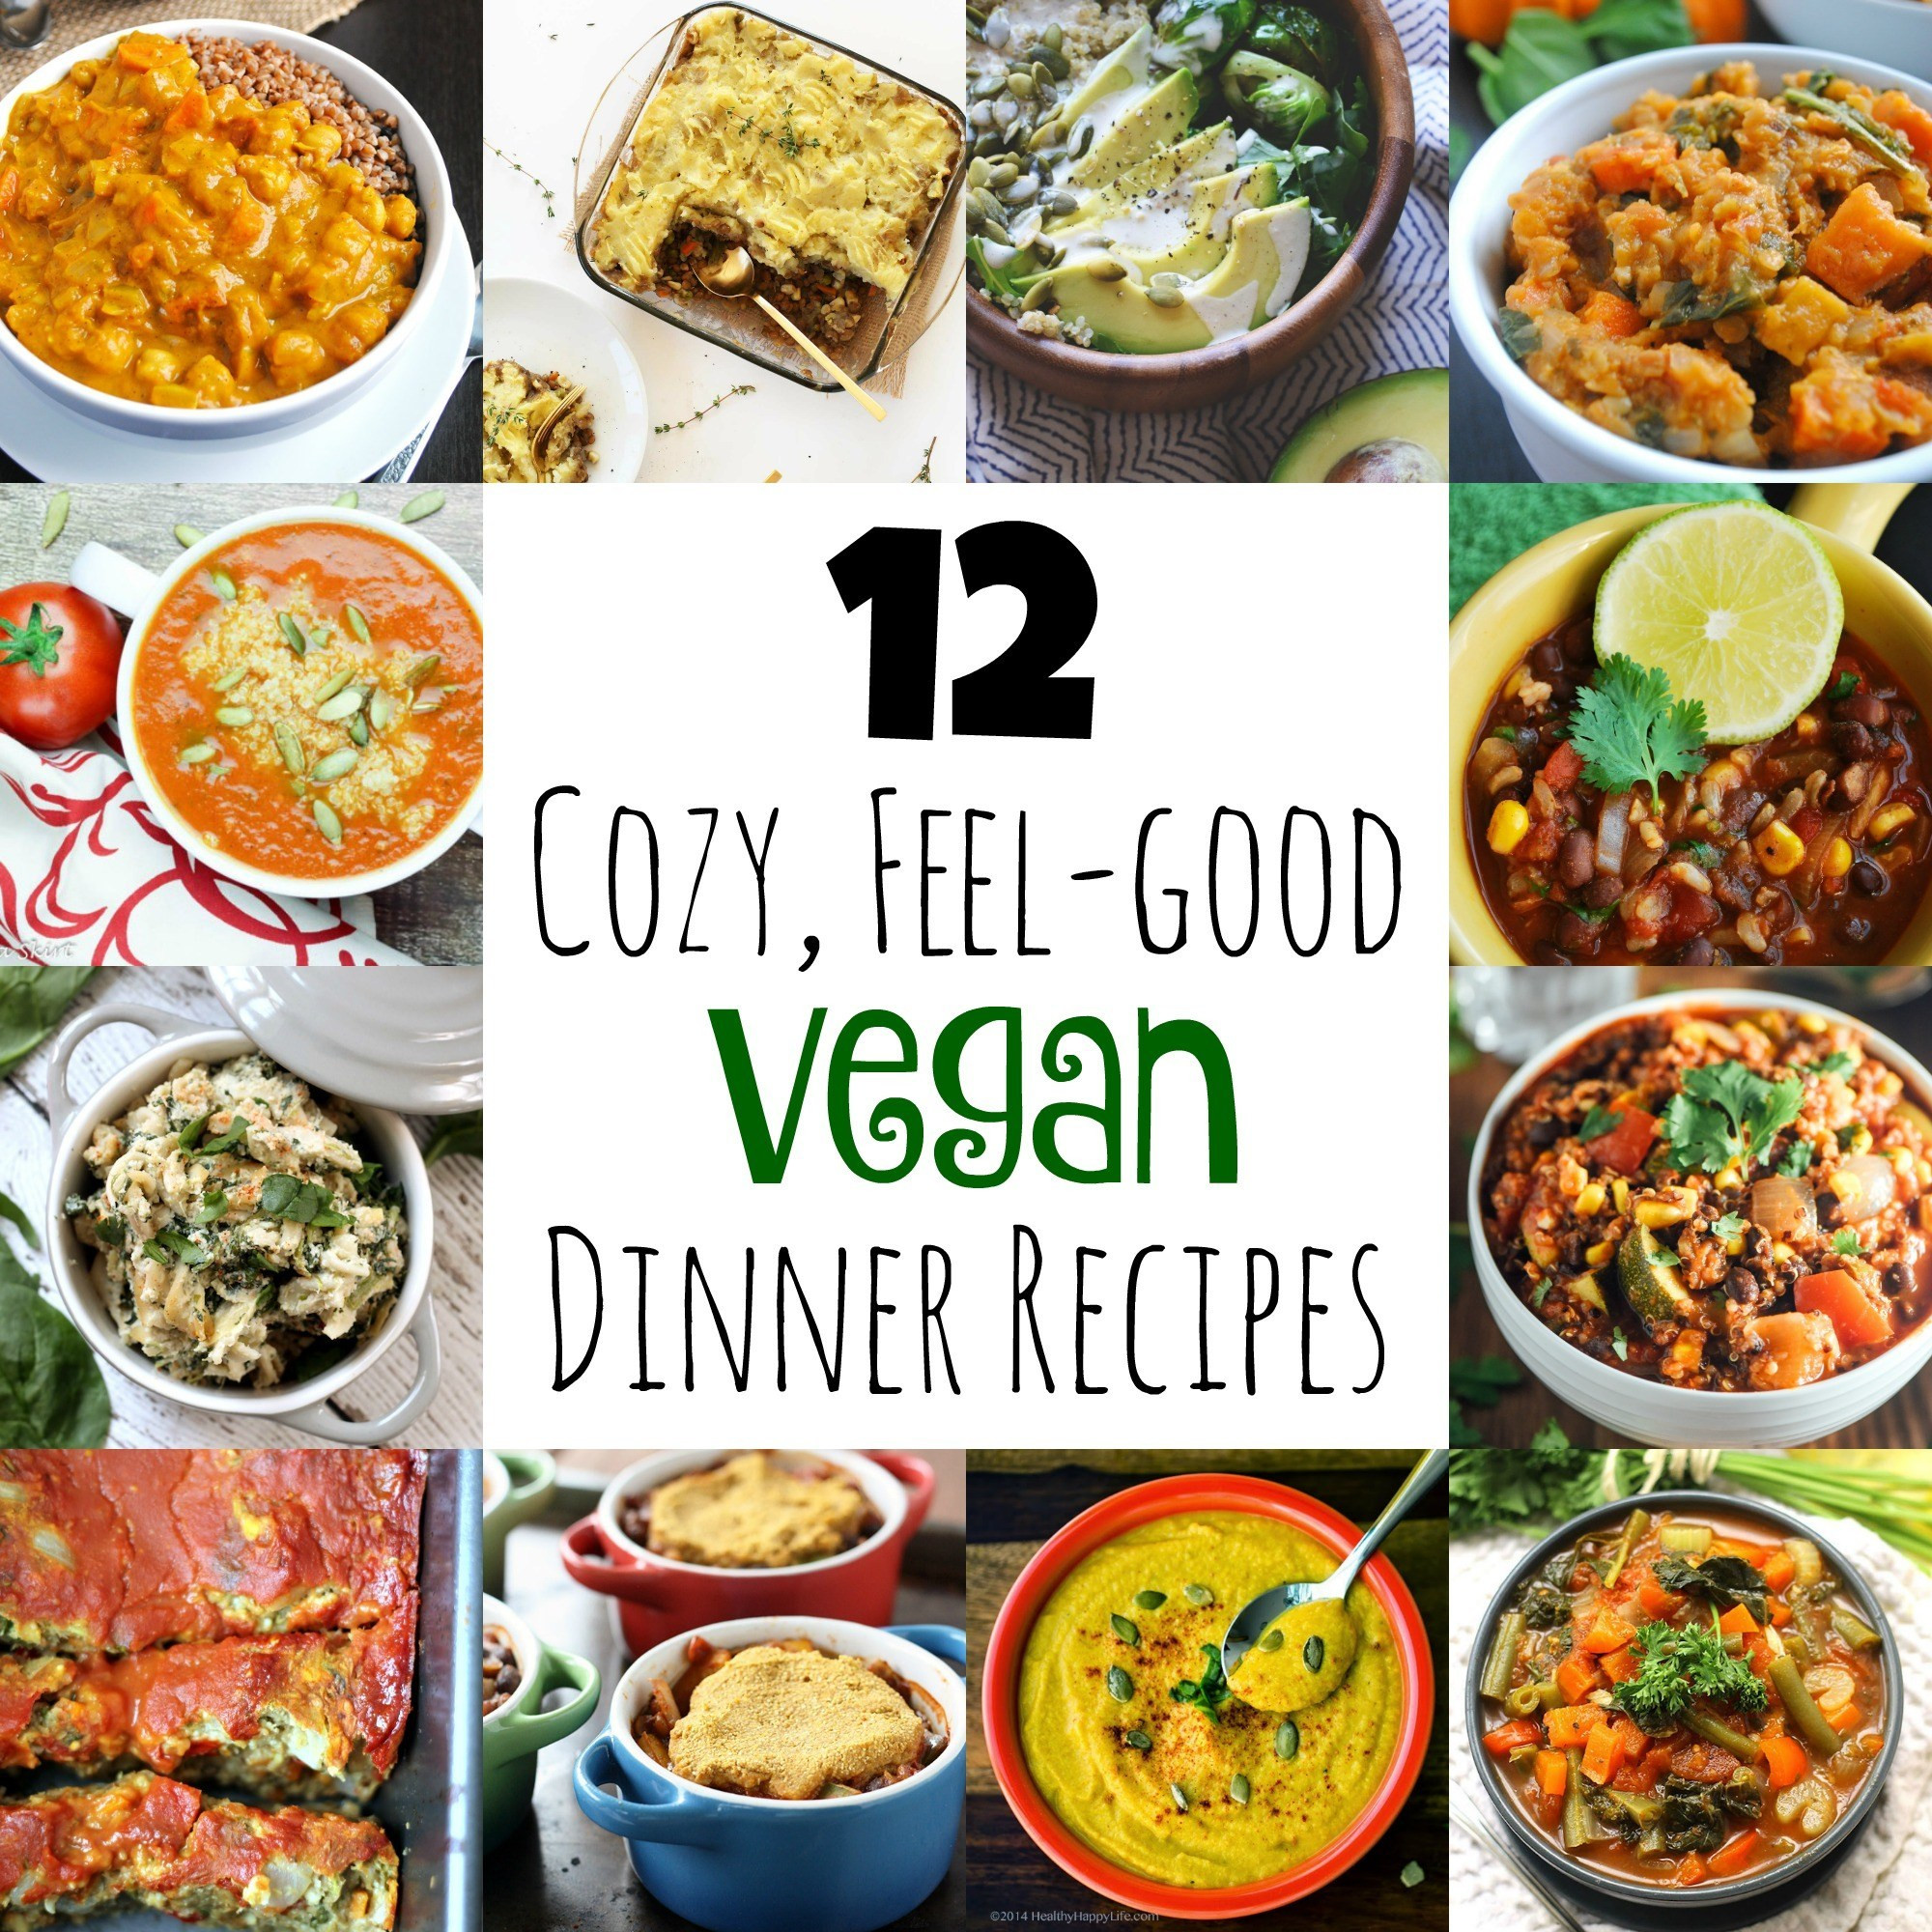 Vegan Healthy Dinner Recipes  12 Cozy Feel Good Vegan Dinner Recipes